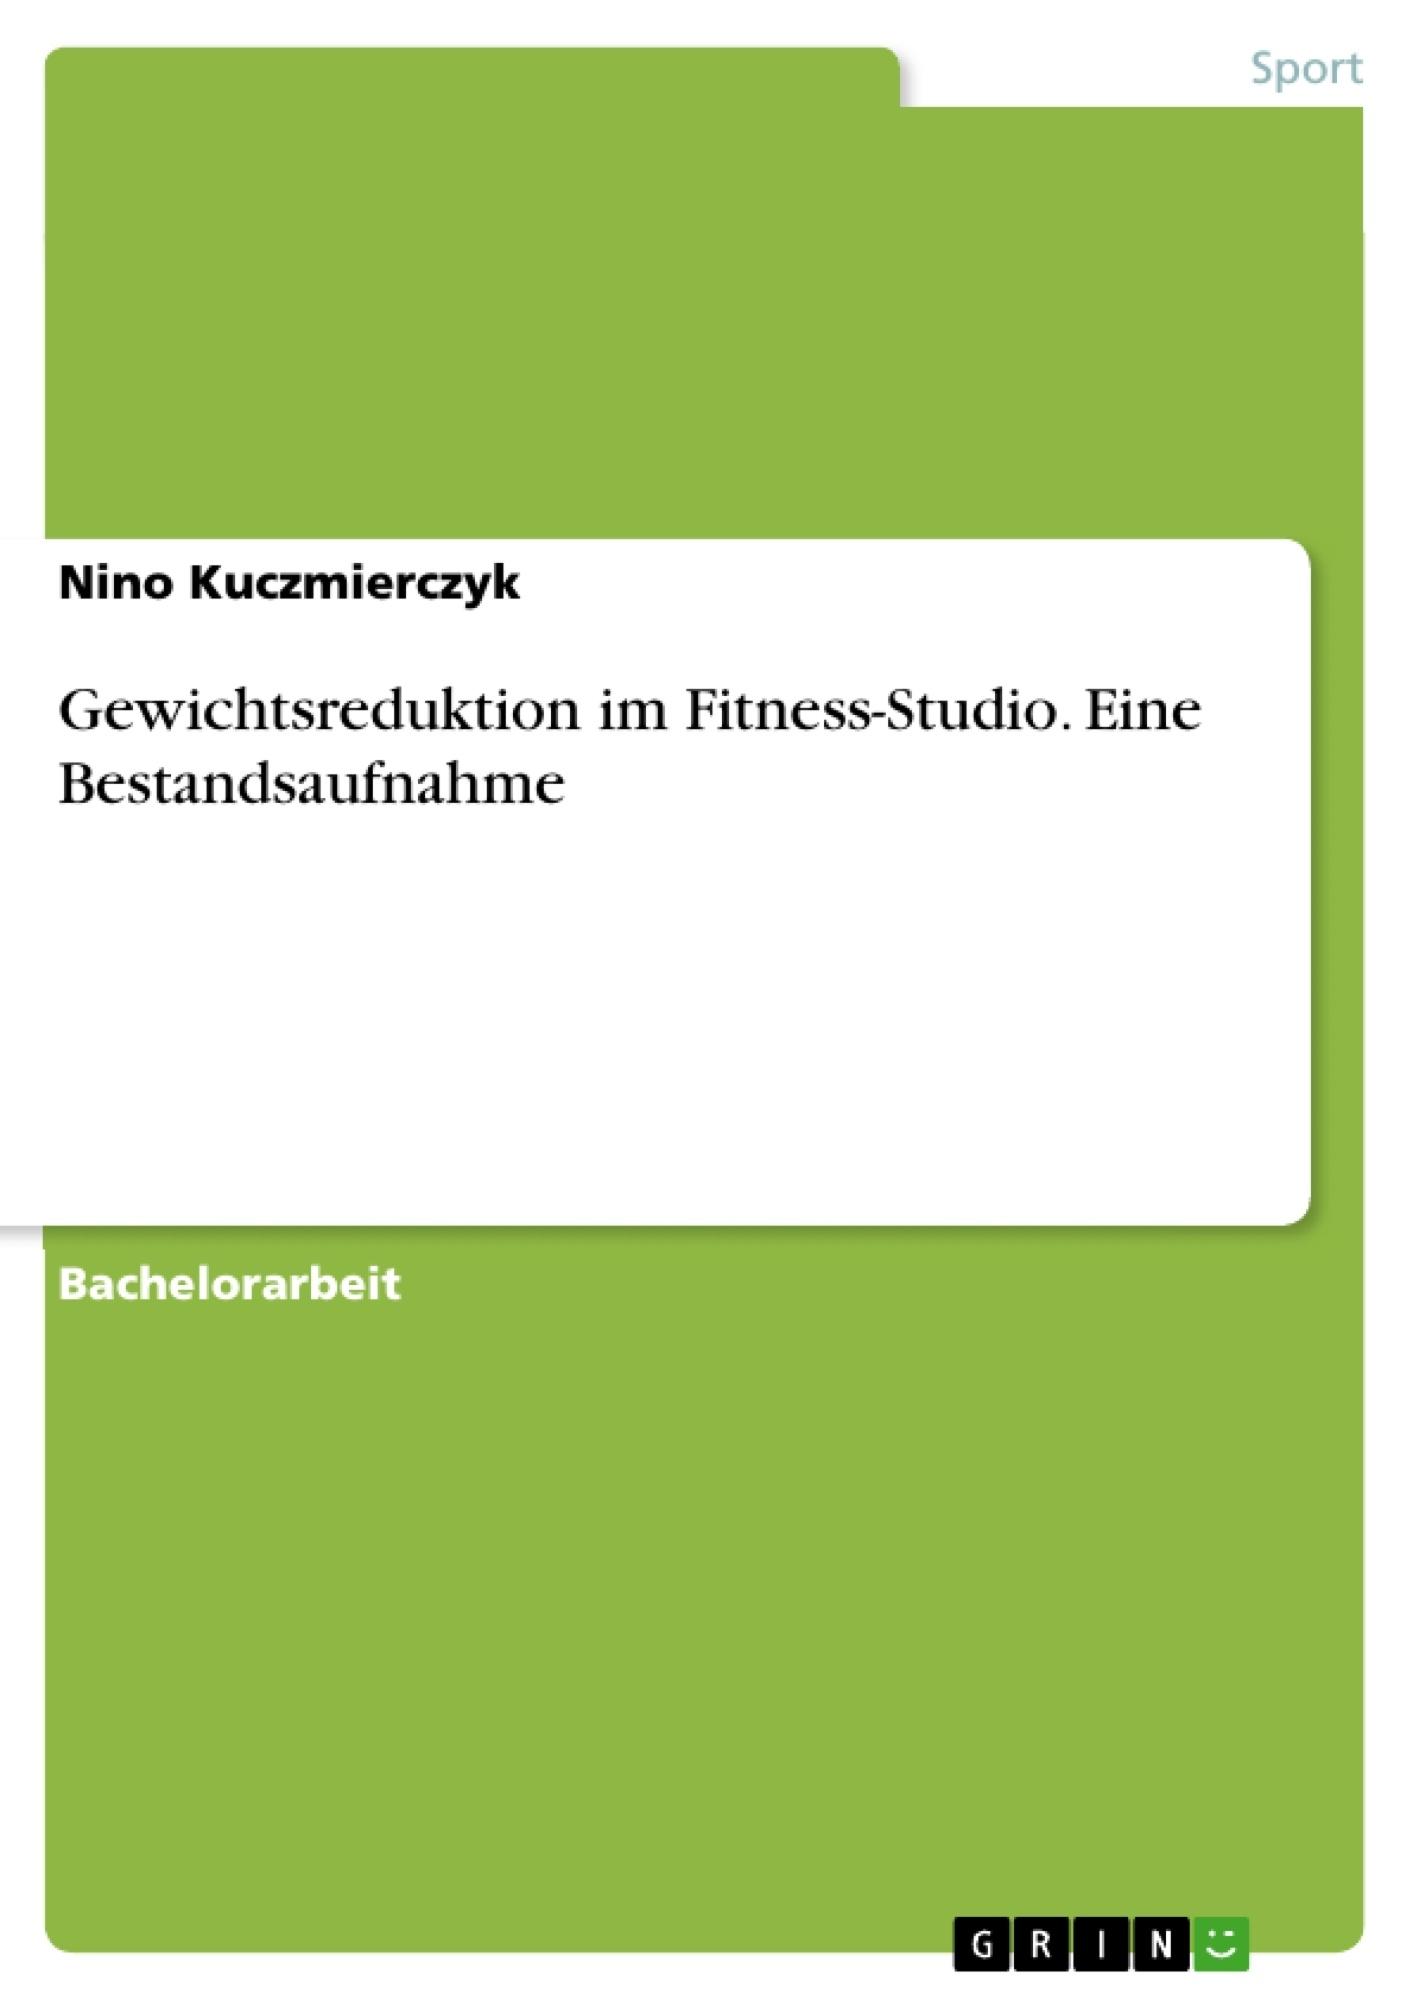 Titel: Gewichtsreduktion im Fitness-Studio. Eine Bestandsaufnahme